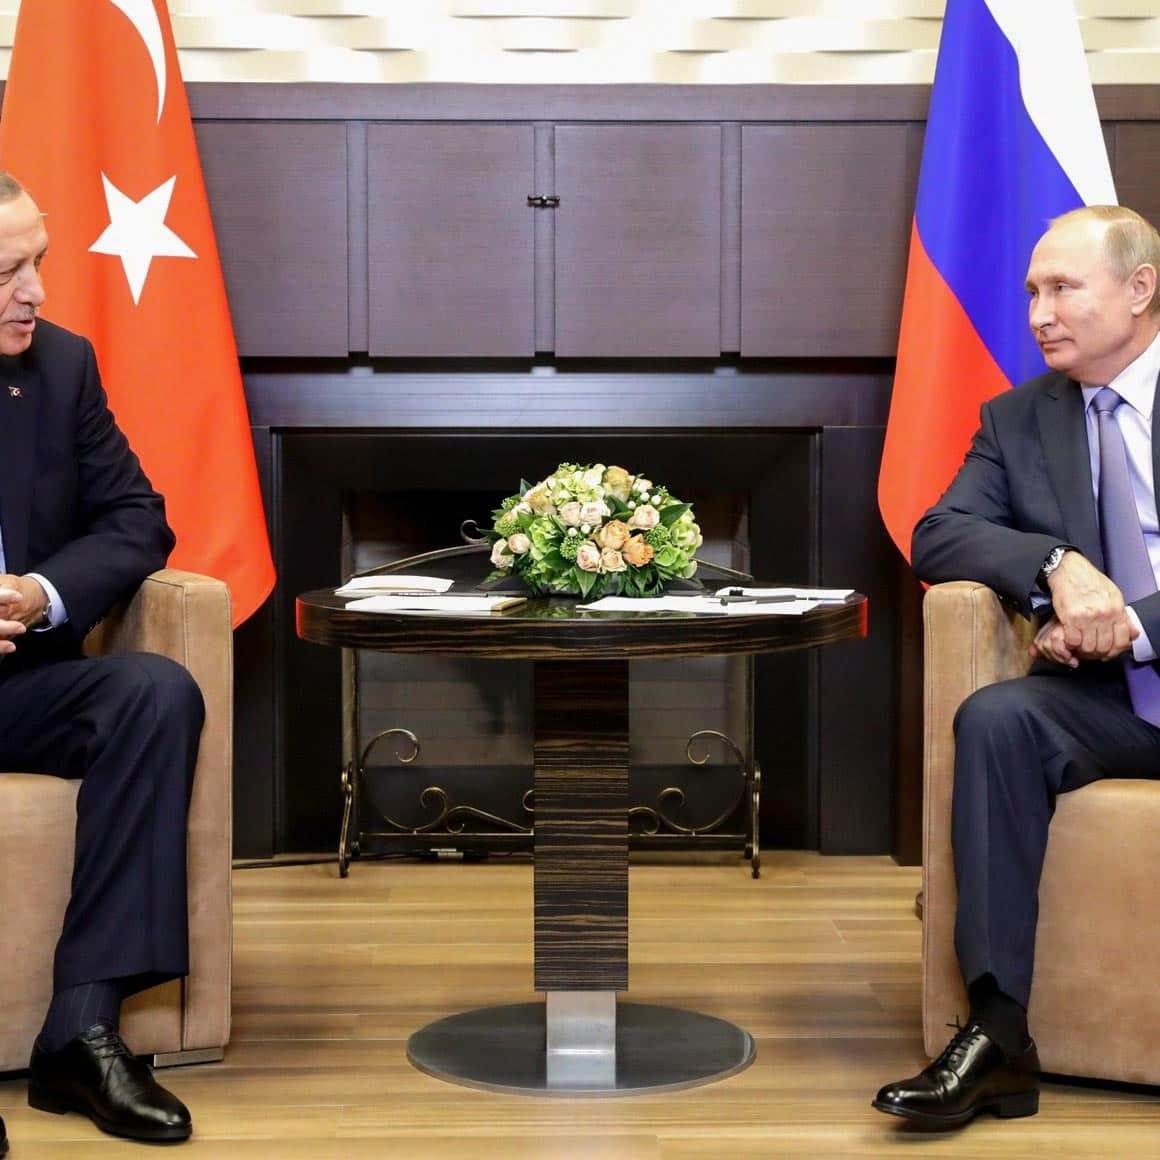 Il patto tra Putin Erdogan sul Nord della Siria